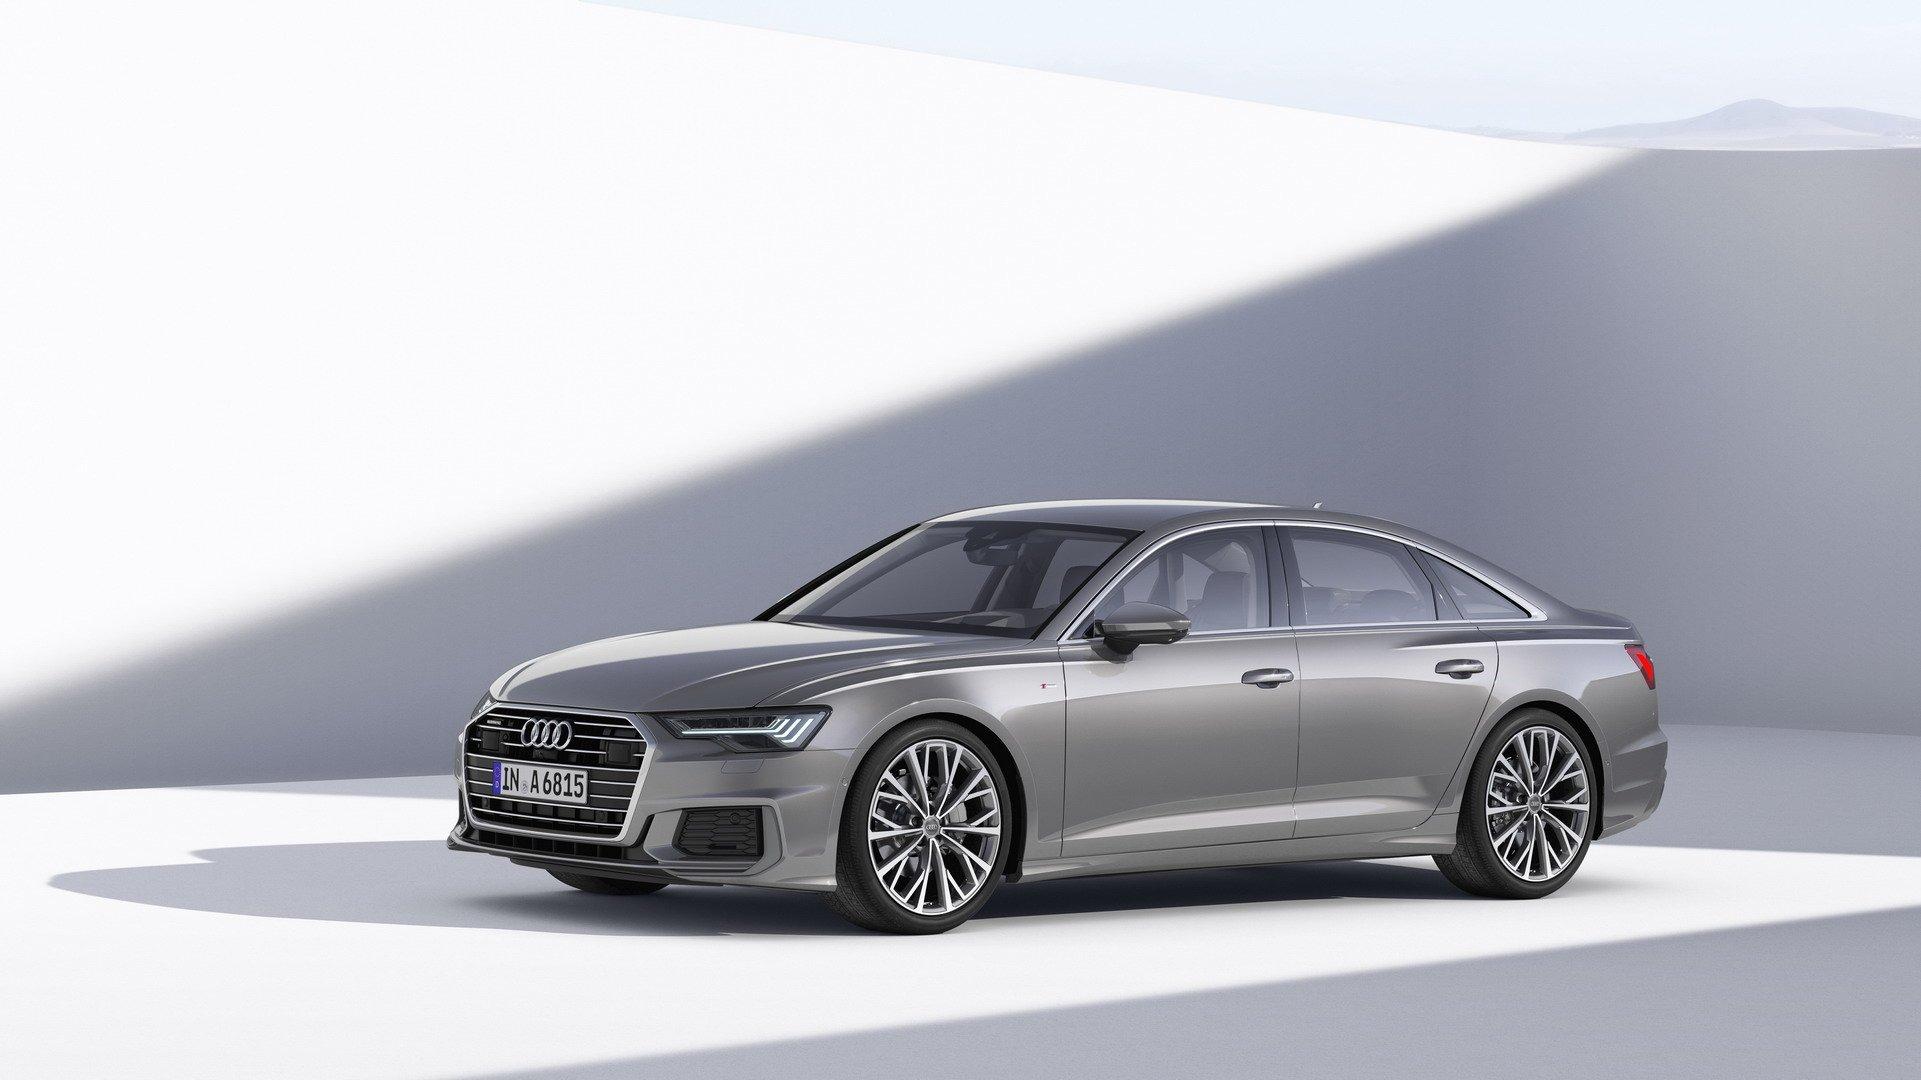 Nowe Audi A6 2019 oficjalnie [zdjęcia, dane techniczne ...